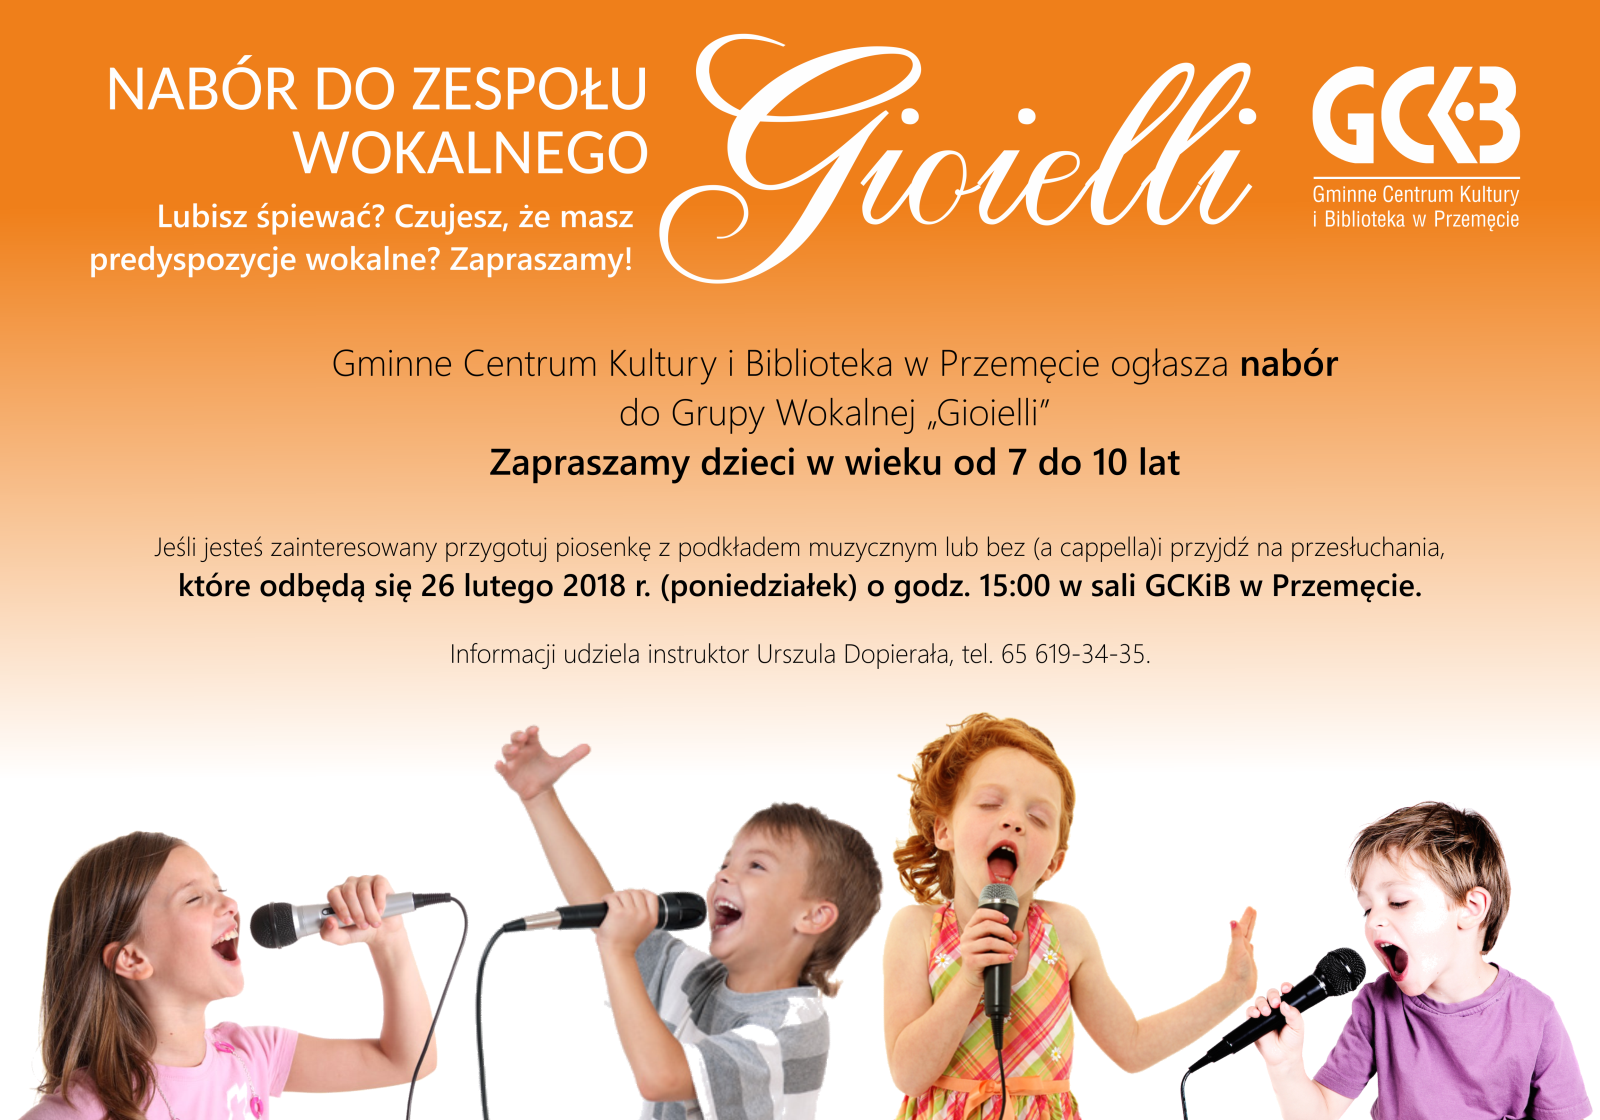 Nabór do zespołu wokalnego GIOIELLI